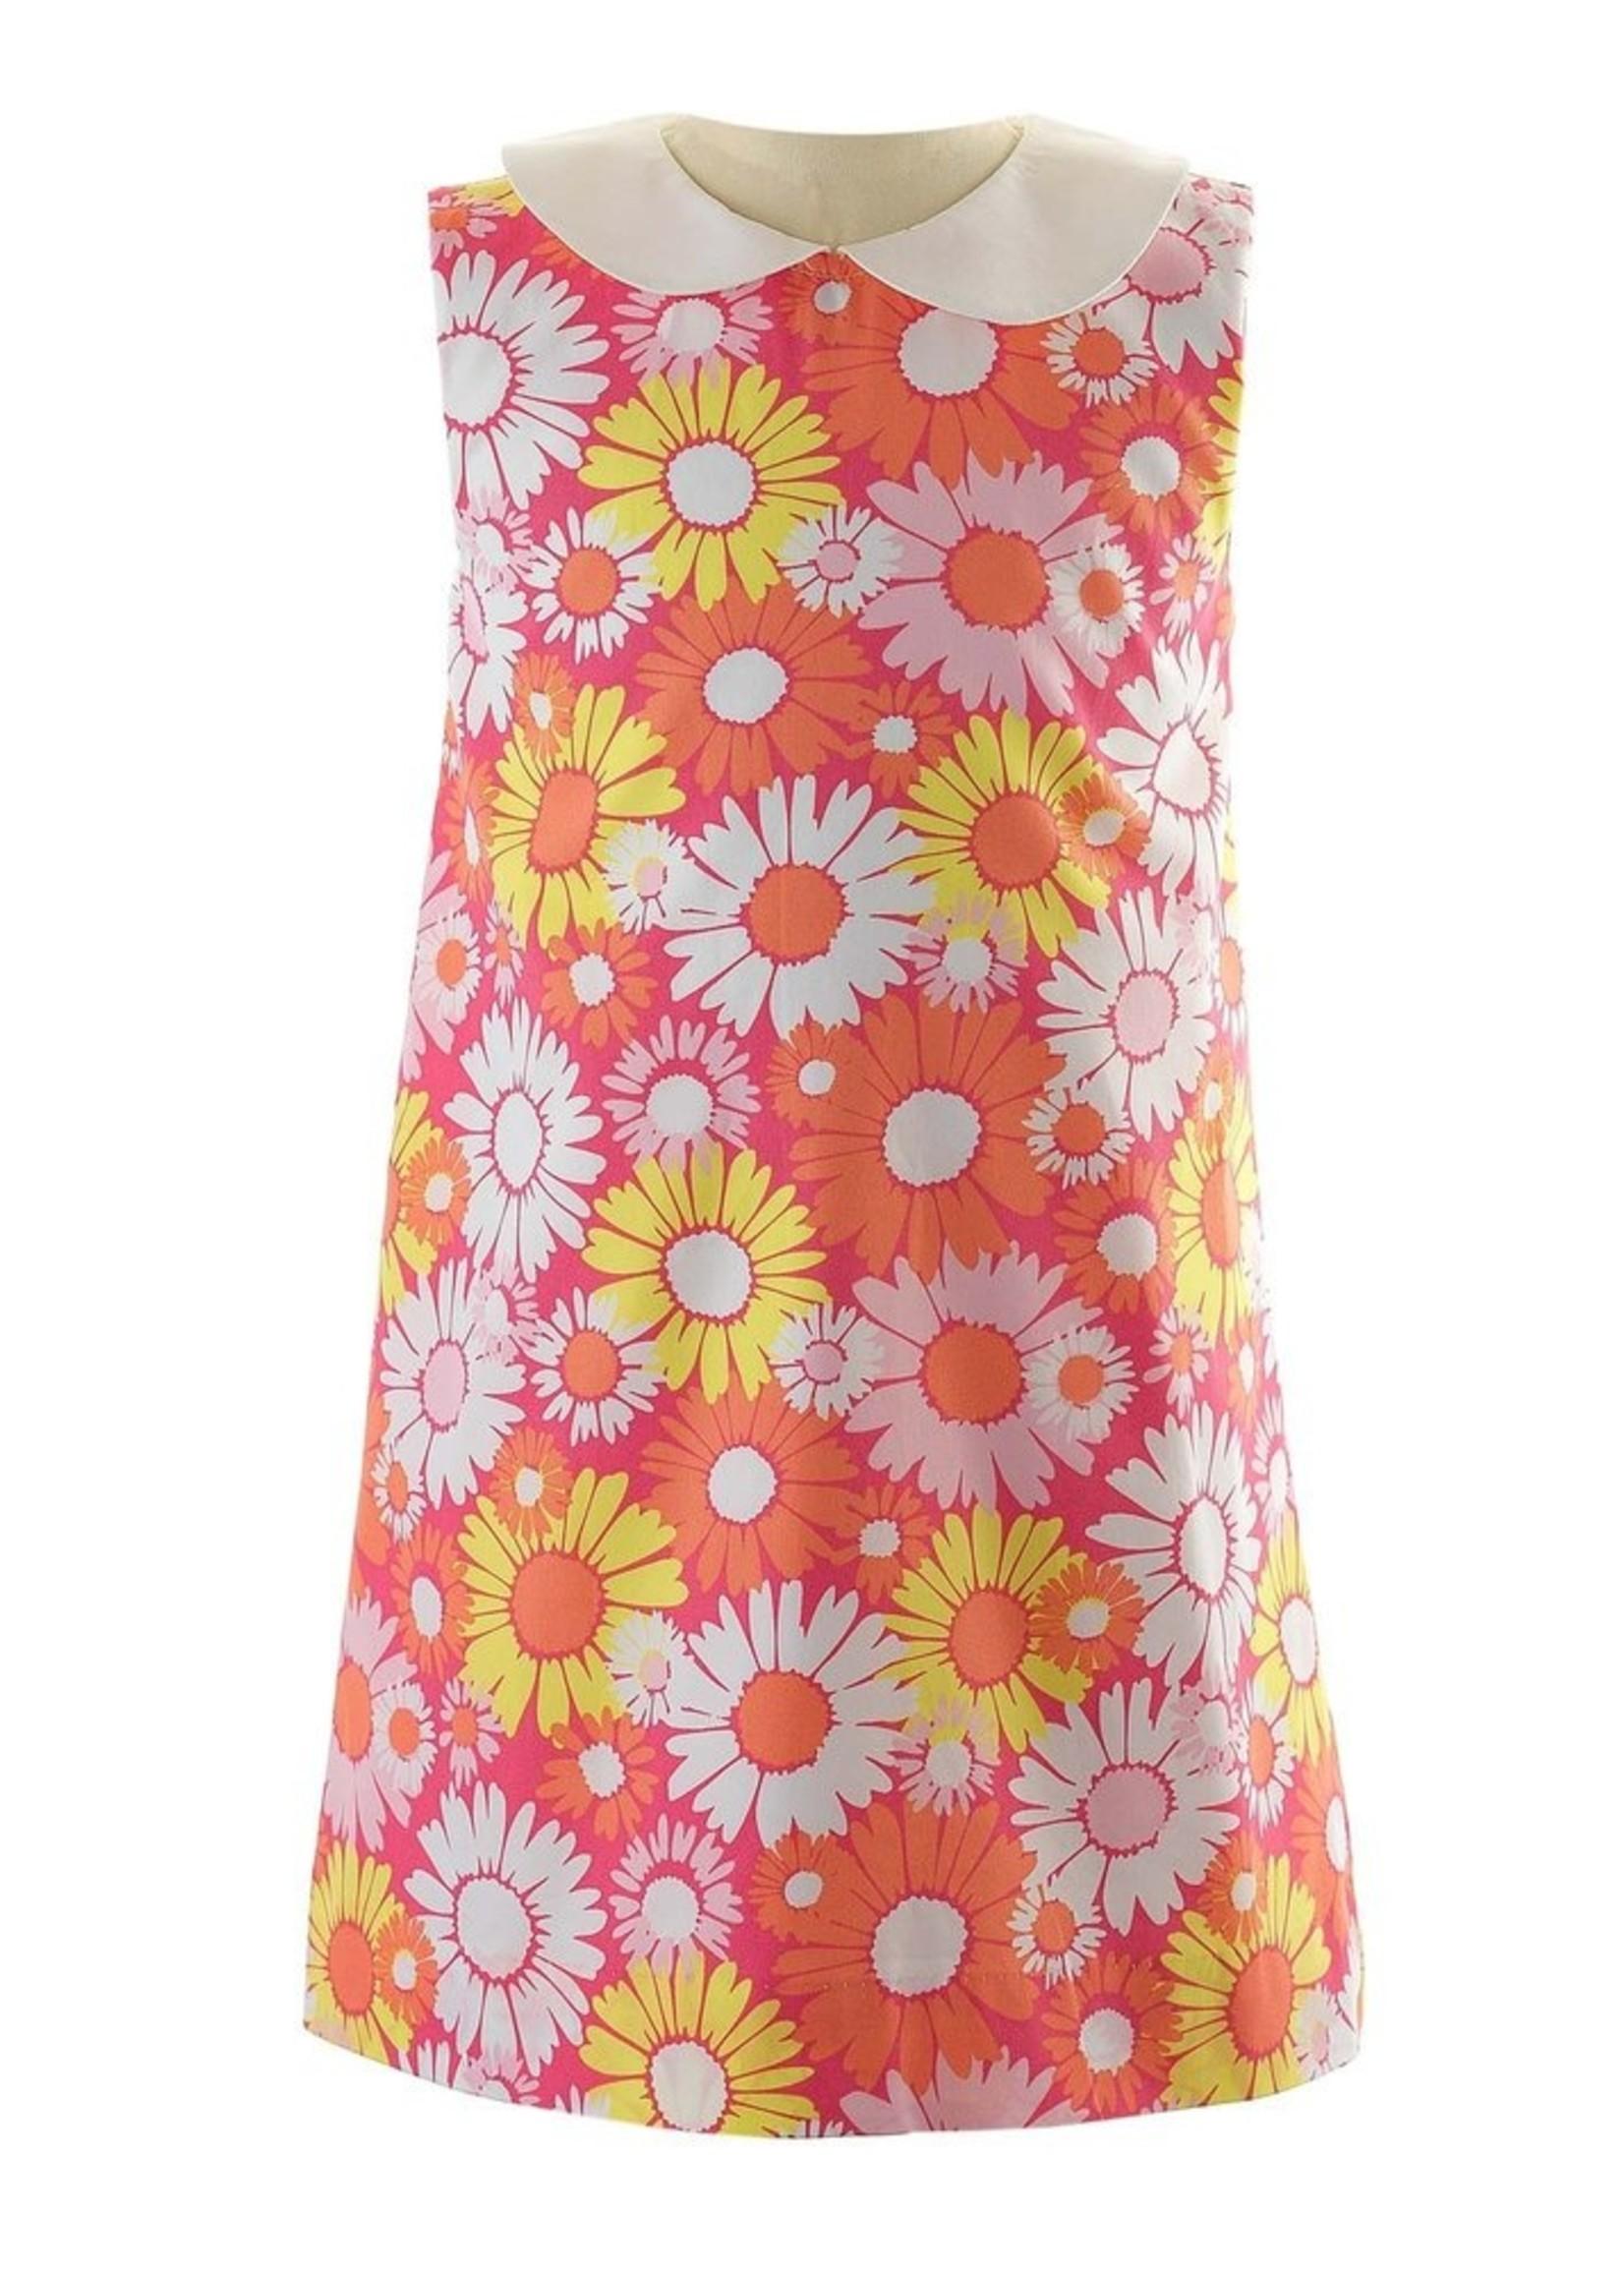 FLOWER 60'S SHIFT DRESS